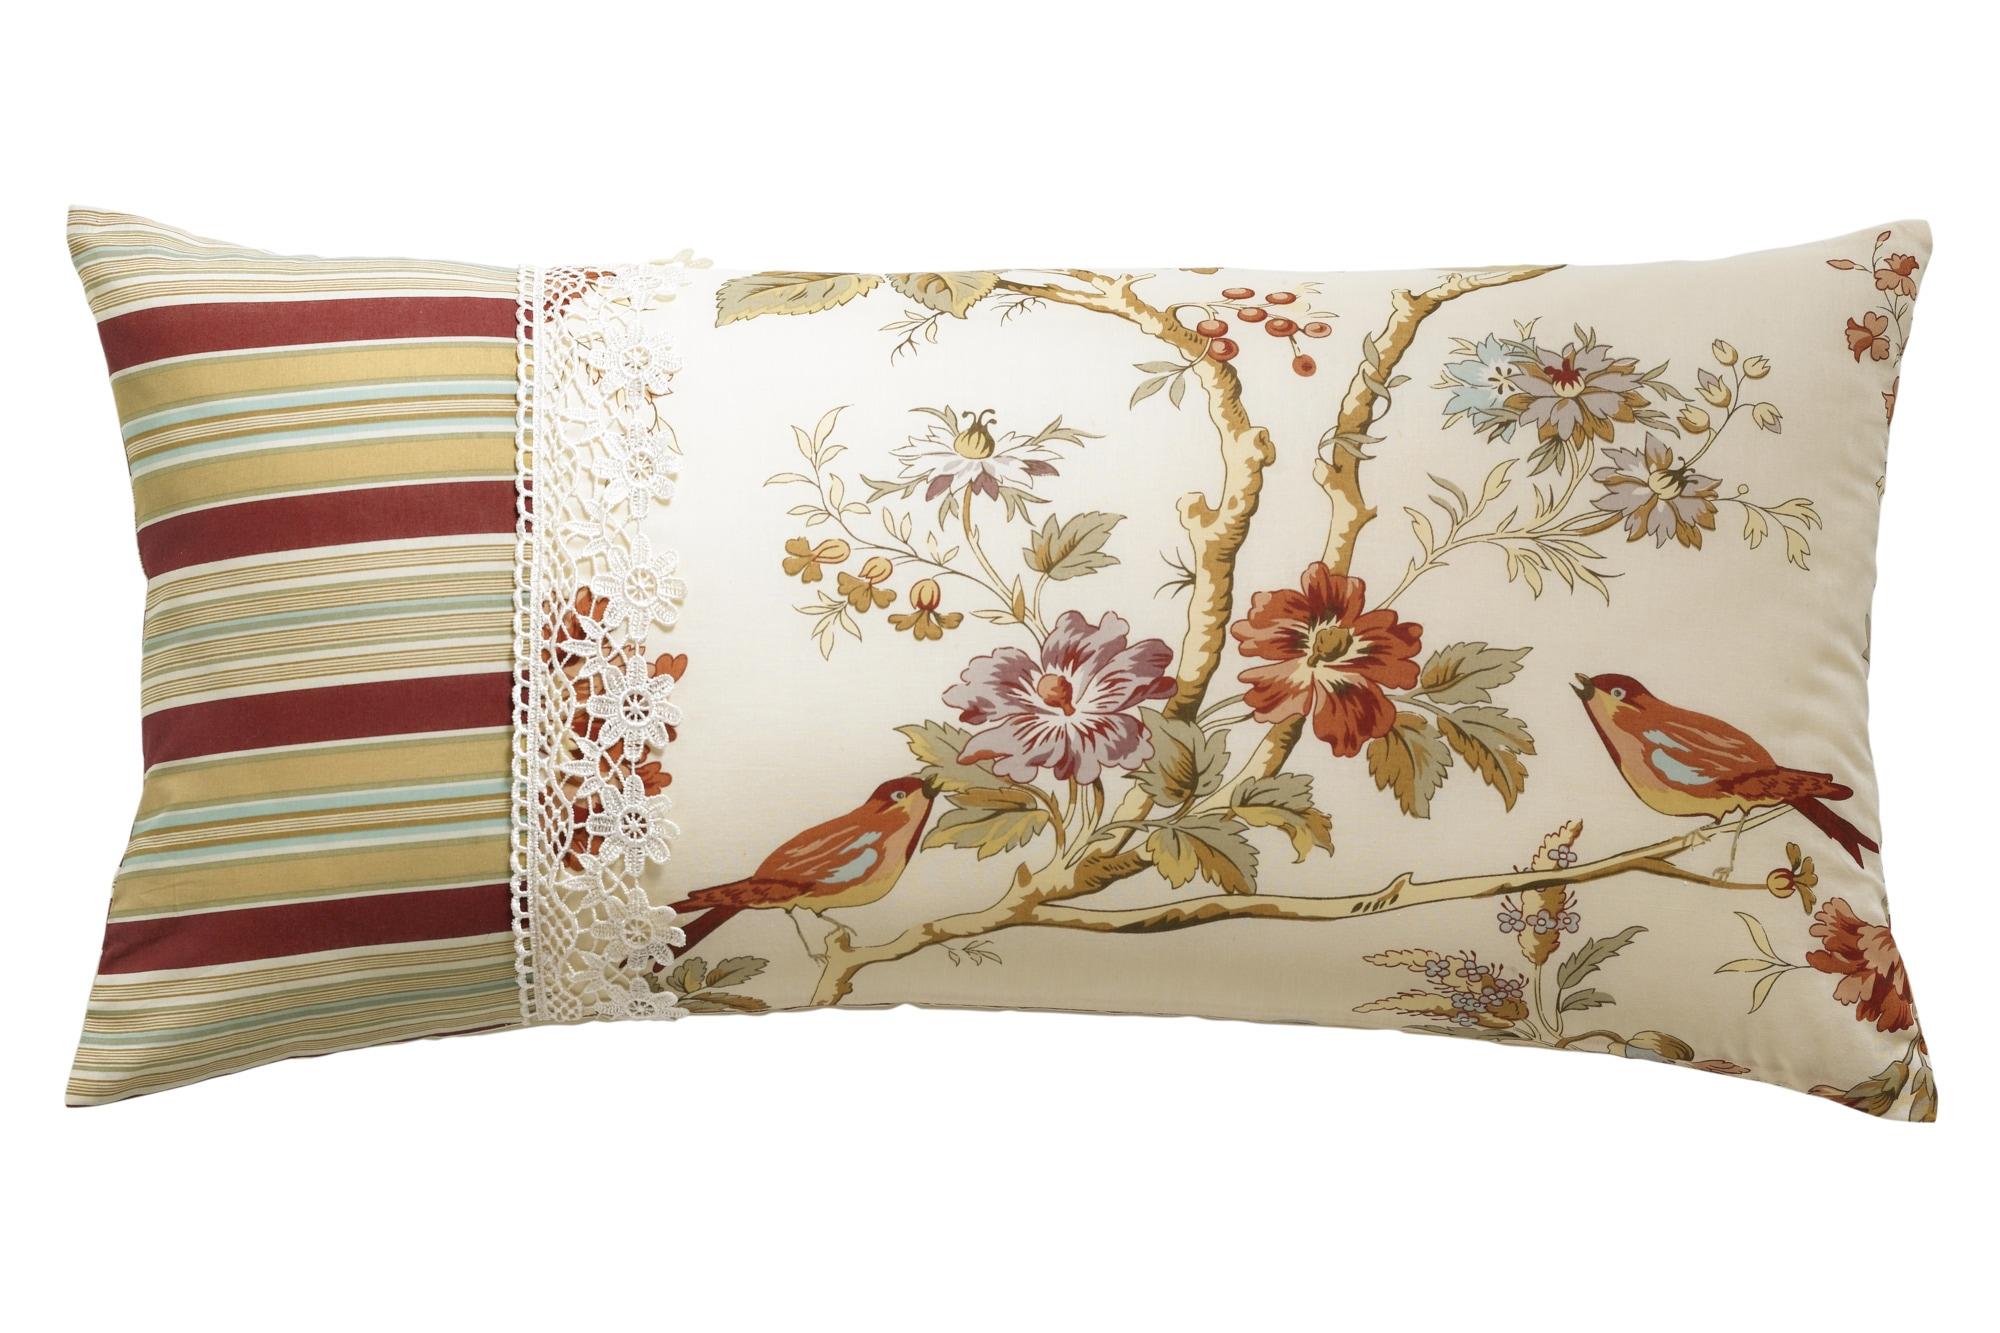 patchwork handtasche preisvergleich die besten angebote online kaufen. Black Bedroom Furniture Sets. Home Design Ideas